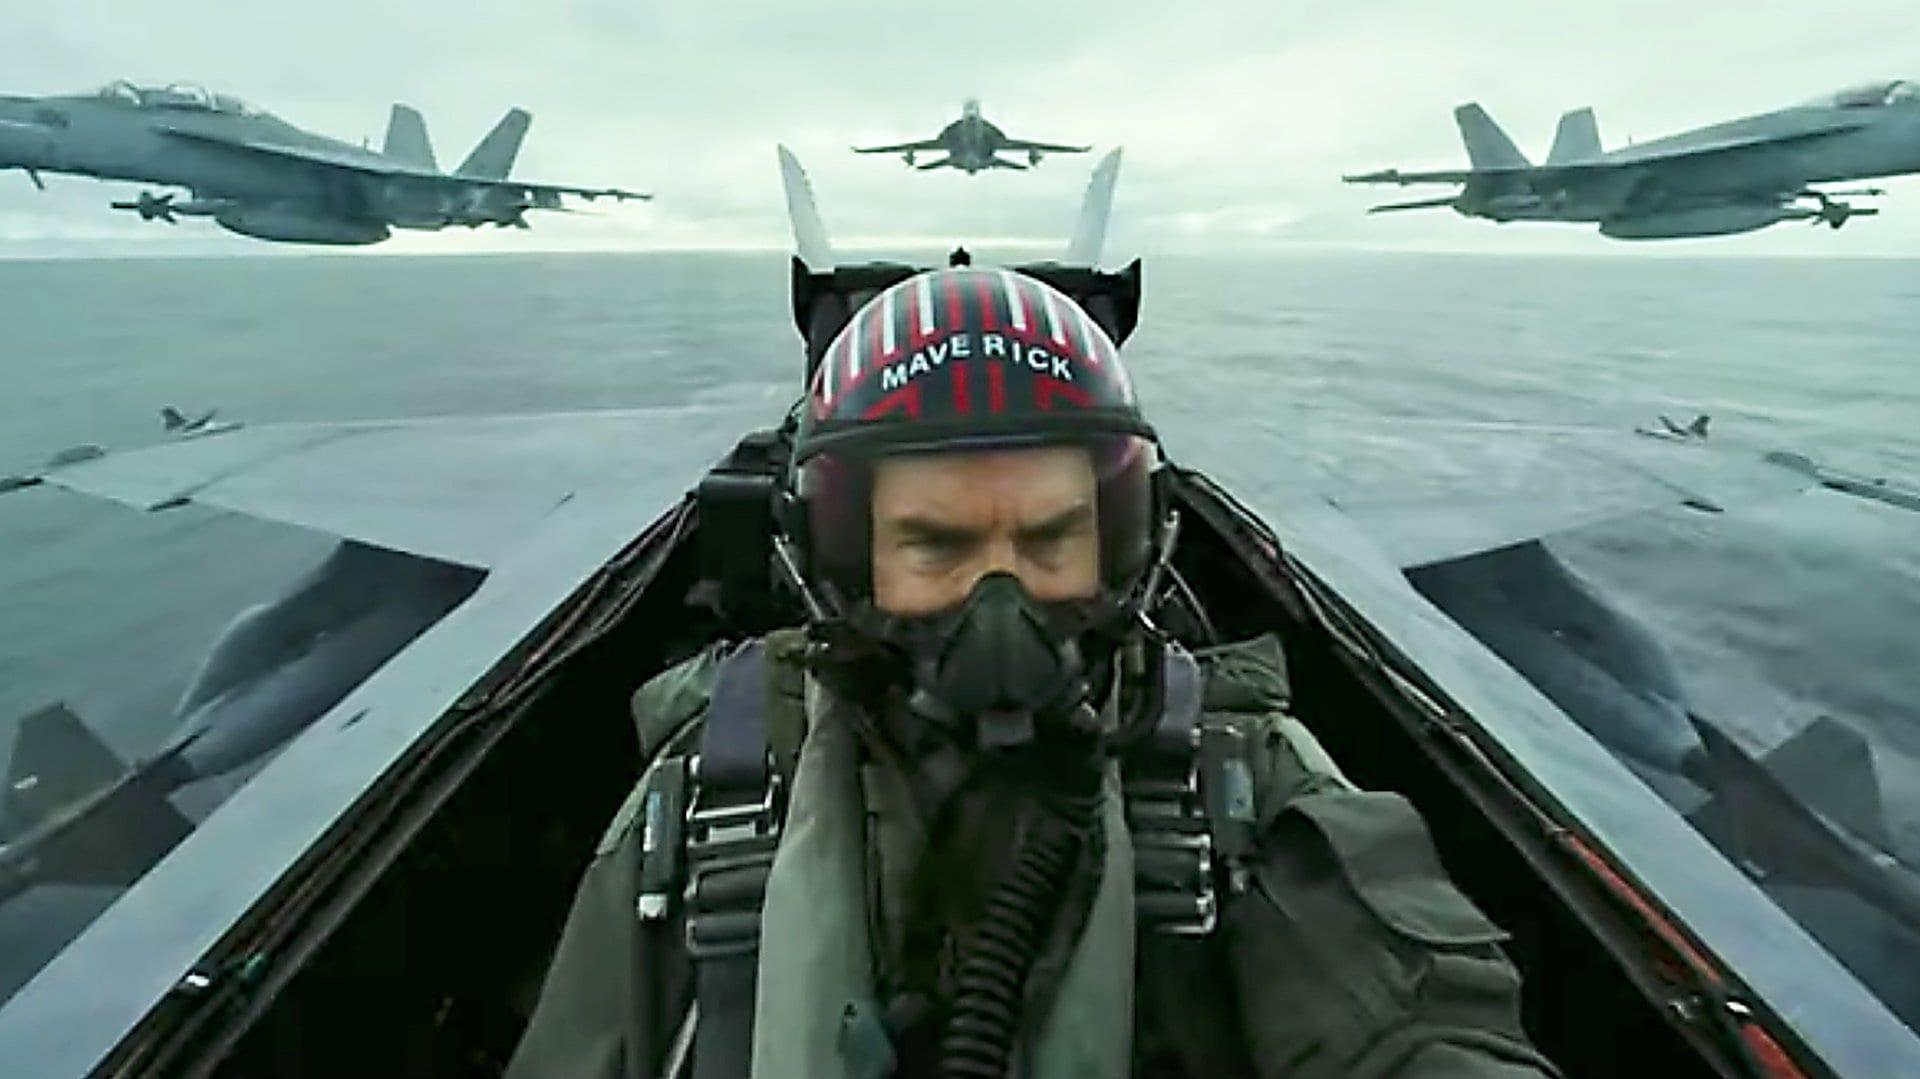 Tοp Gun 2 Maverick – Trailer 4K ULTRA HD